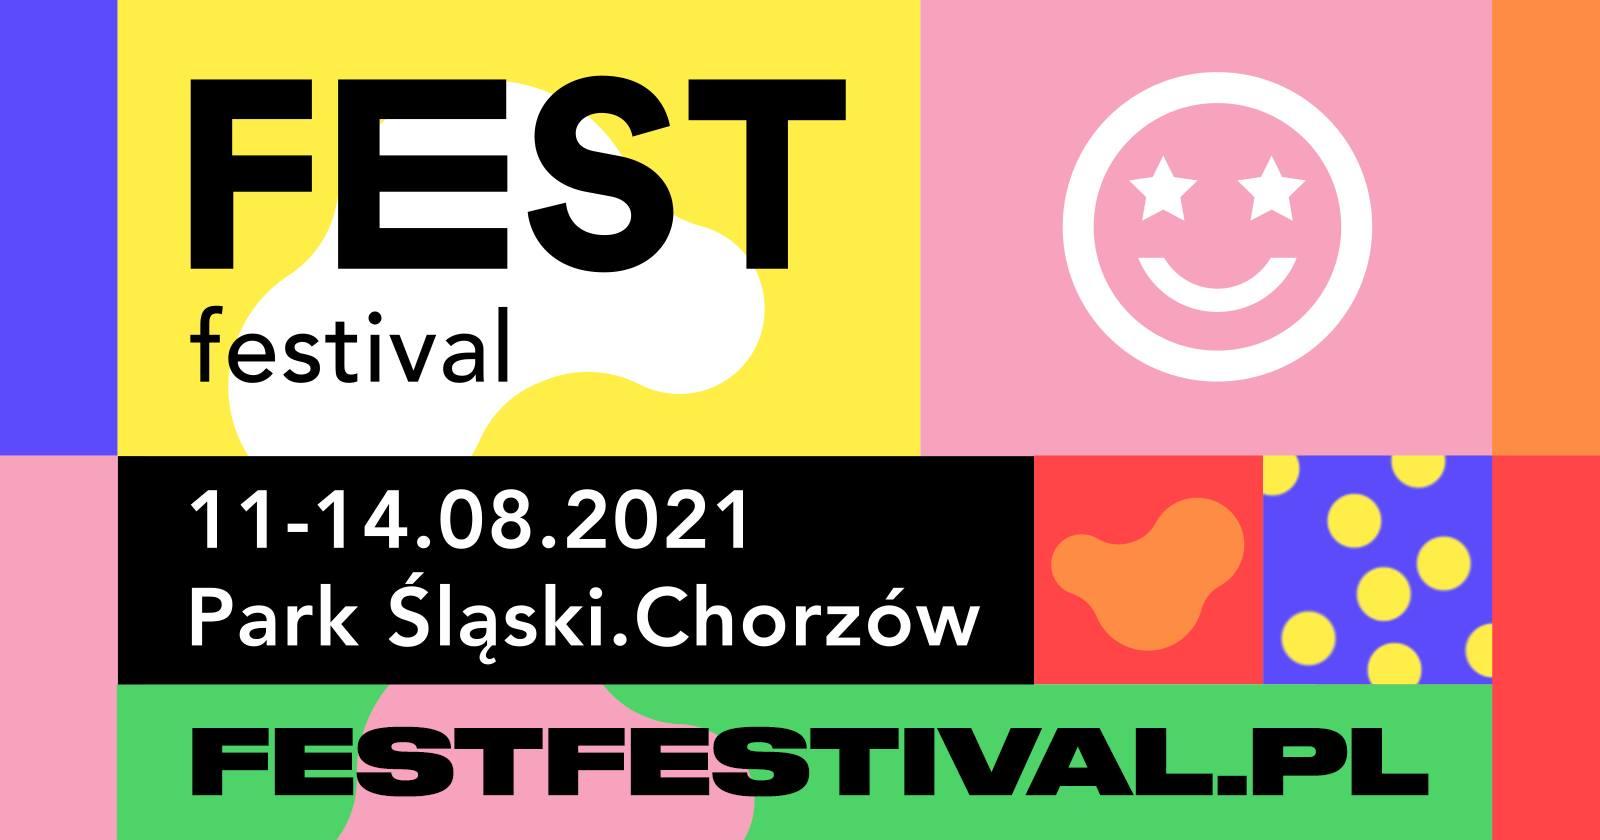 Fest Festival 2021 odbędzie się! Pierwsi artyści zostali ogłoszeni!